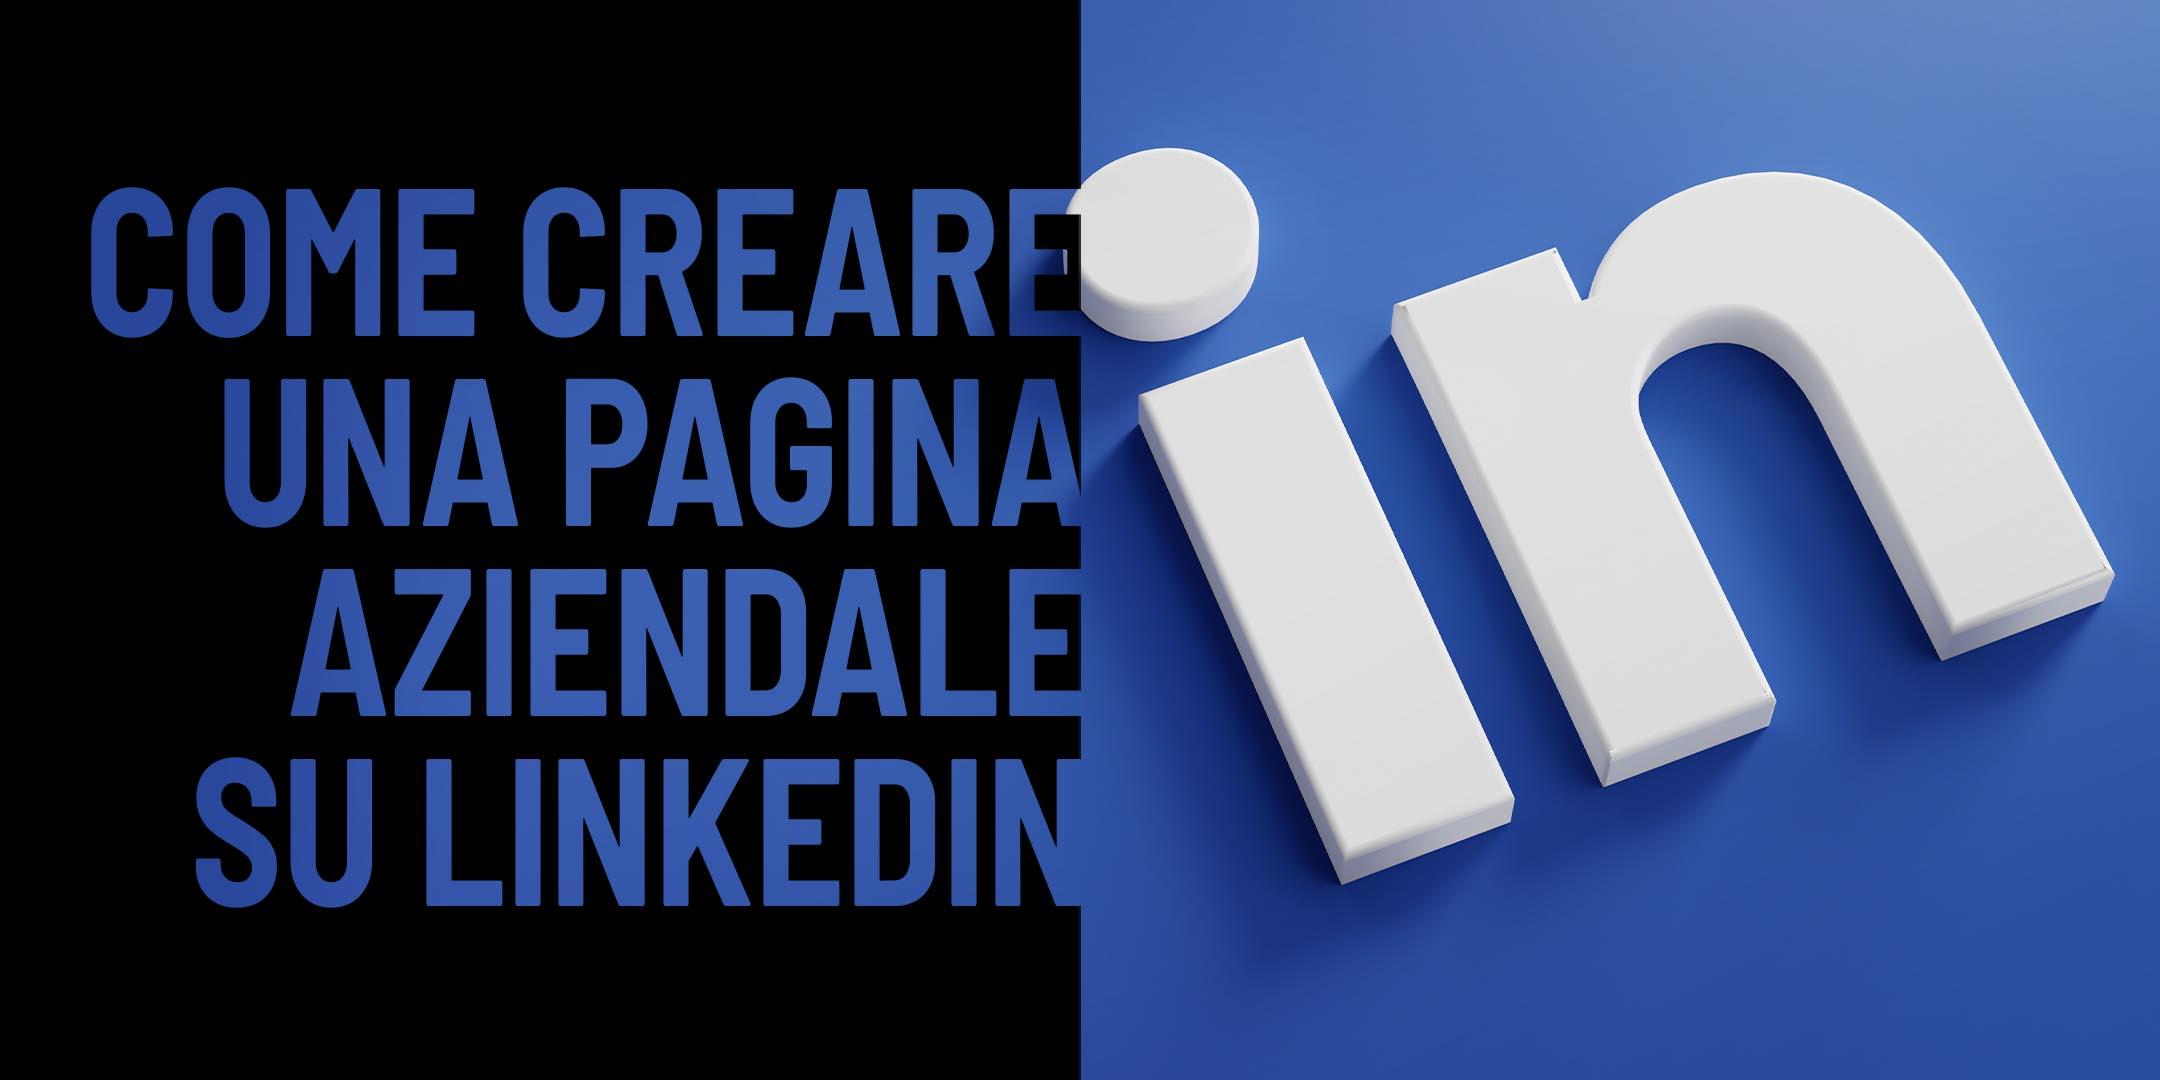 Come creare una Pagina Aziendale su LinkedIn La Guida Completa